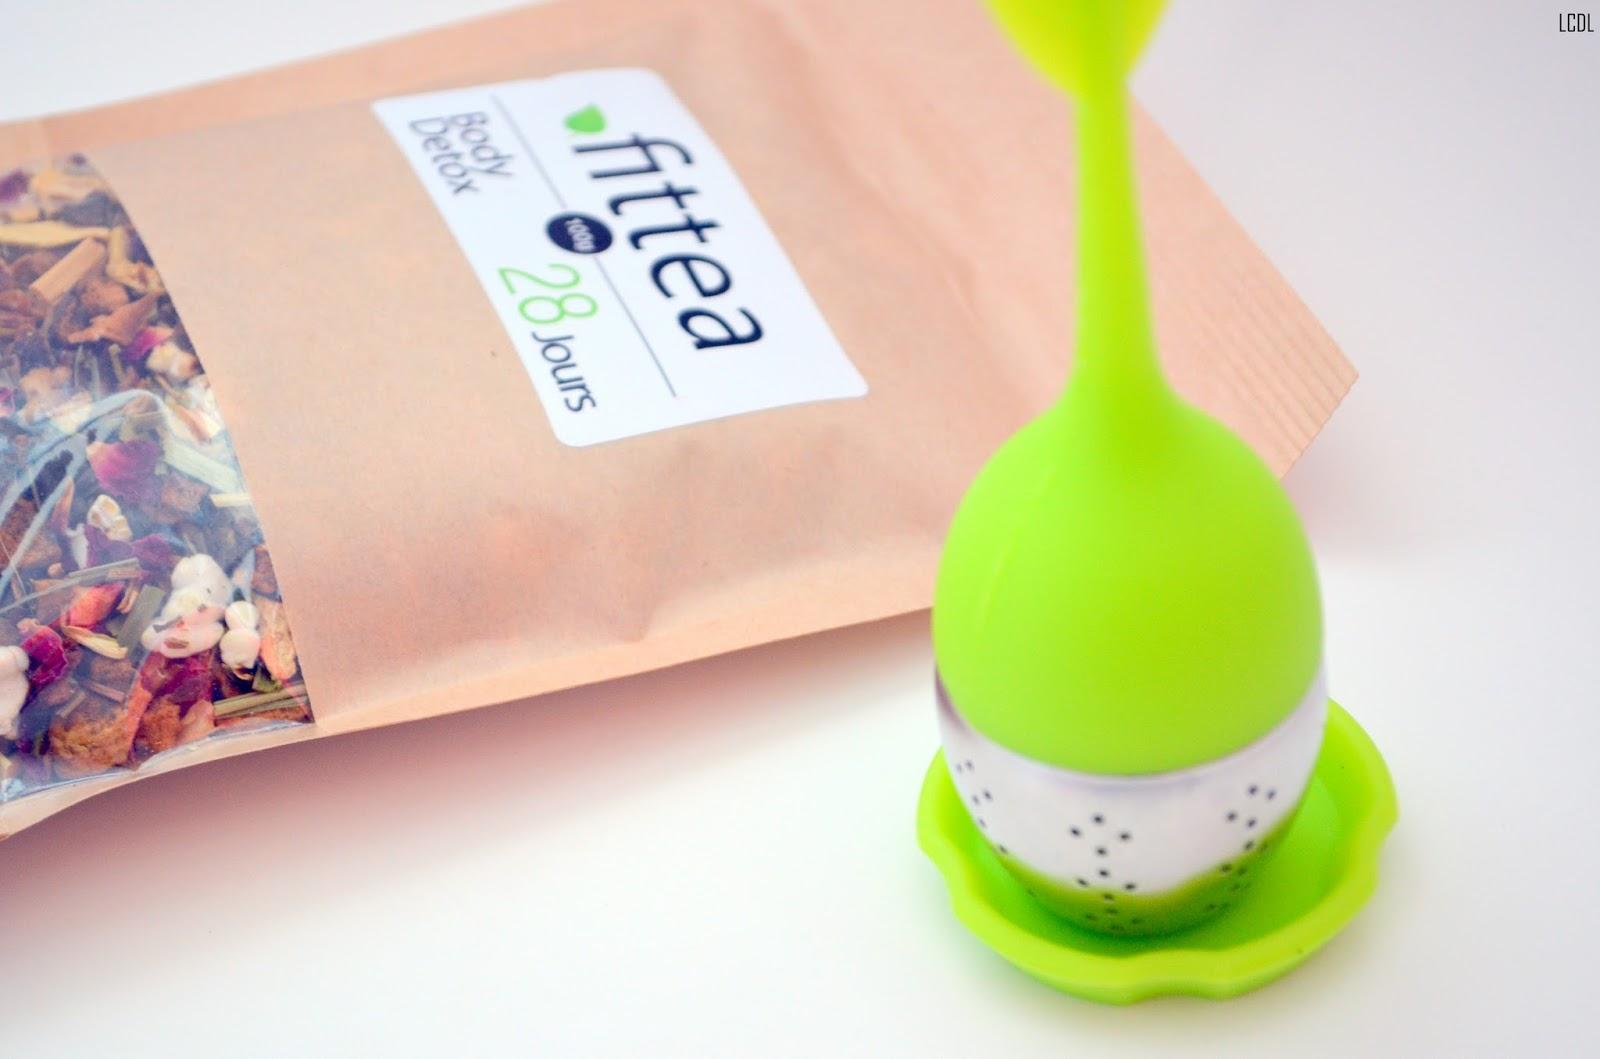 Très J'ai testé le Body Detox Tea 28 jours de Fitvia - Les confidences  EL73